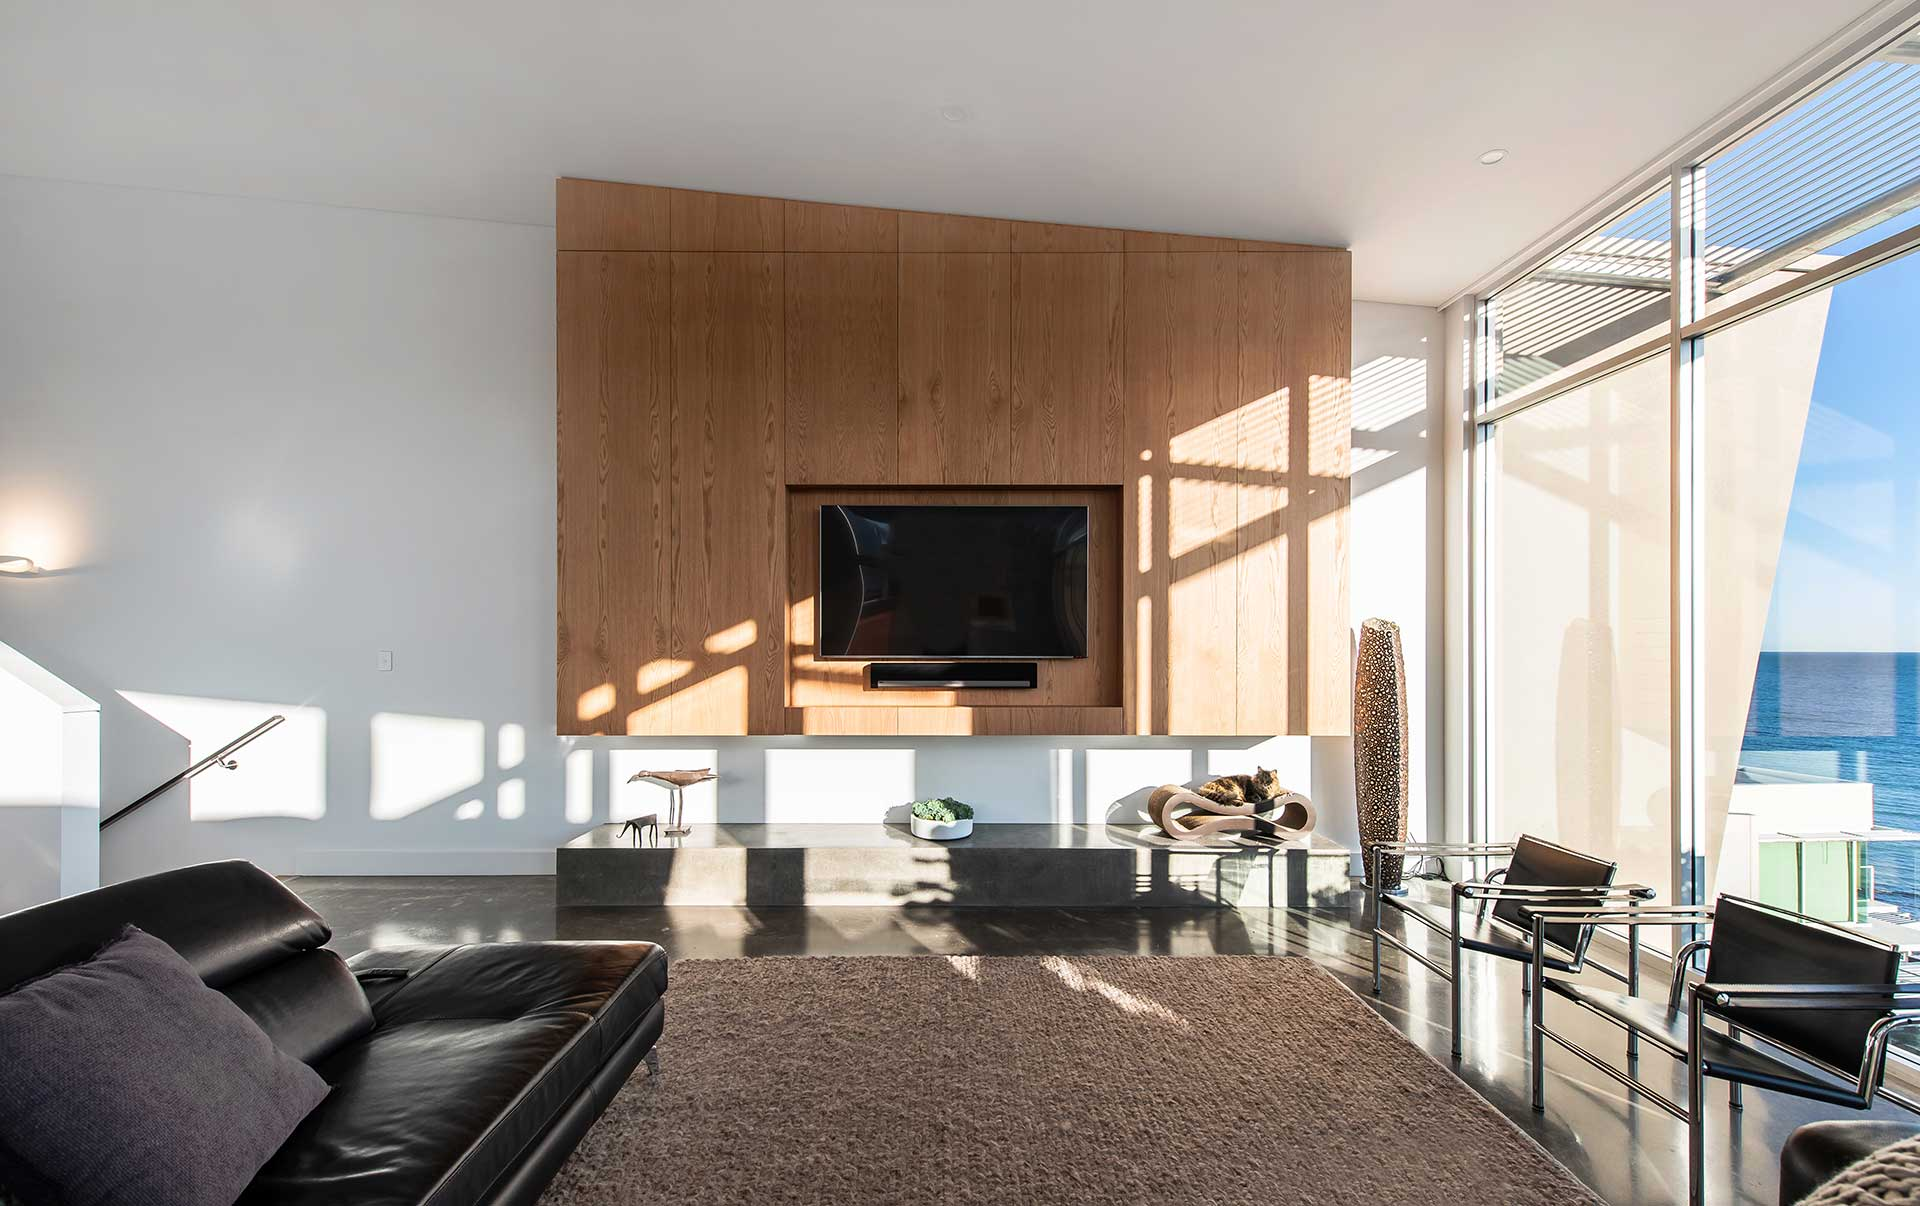 Adelaide Builder - Kingston Park Award Winning Custom Built Home